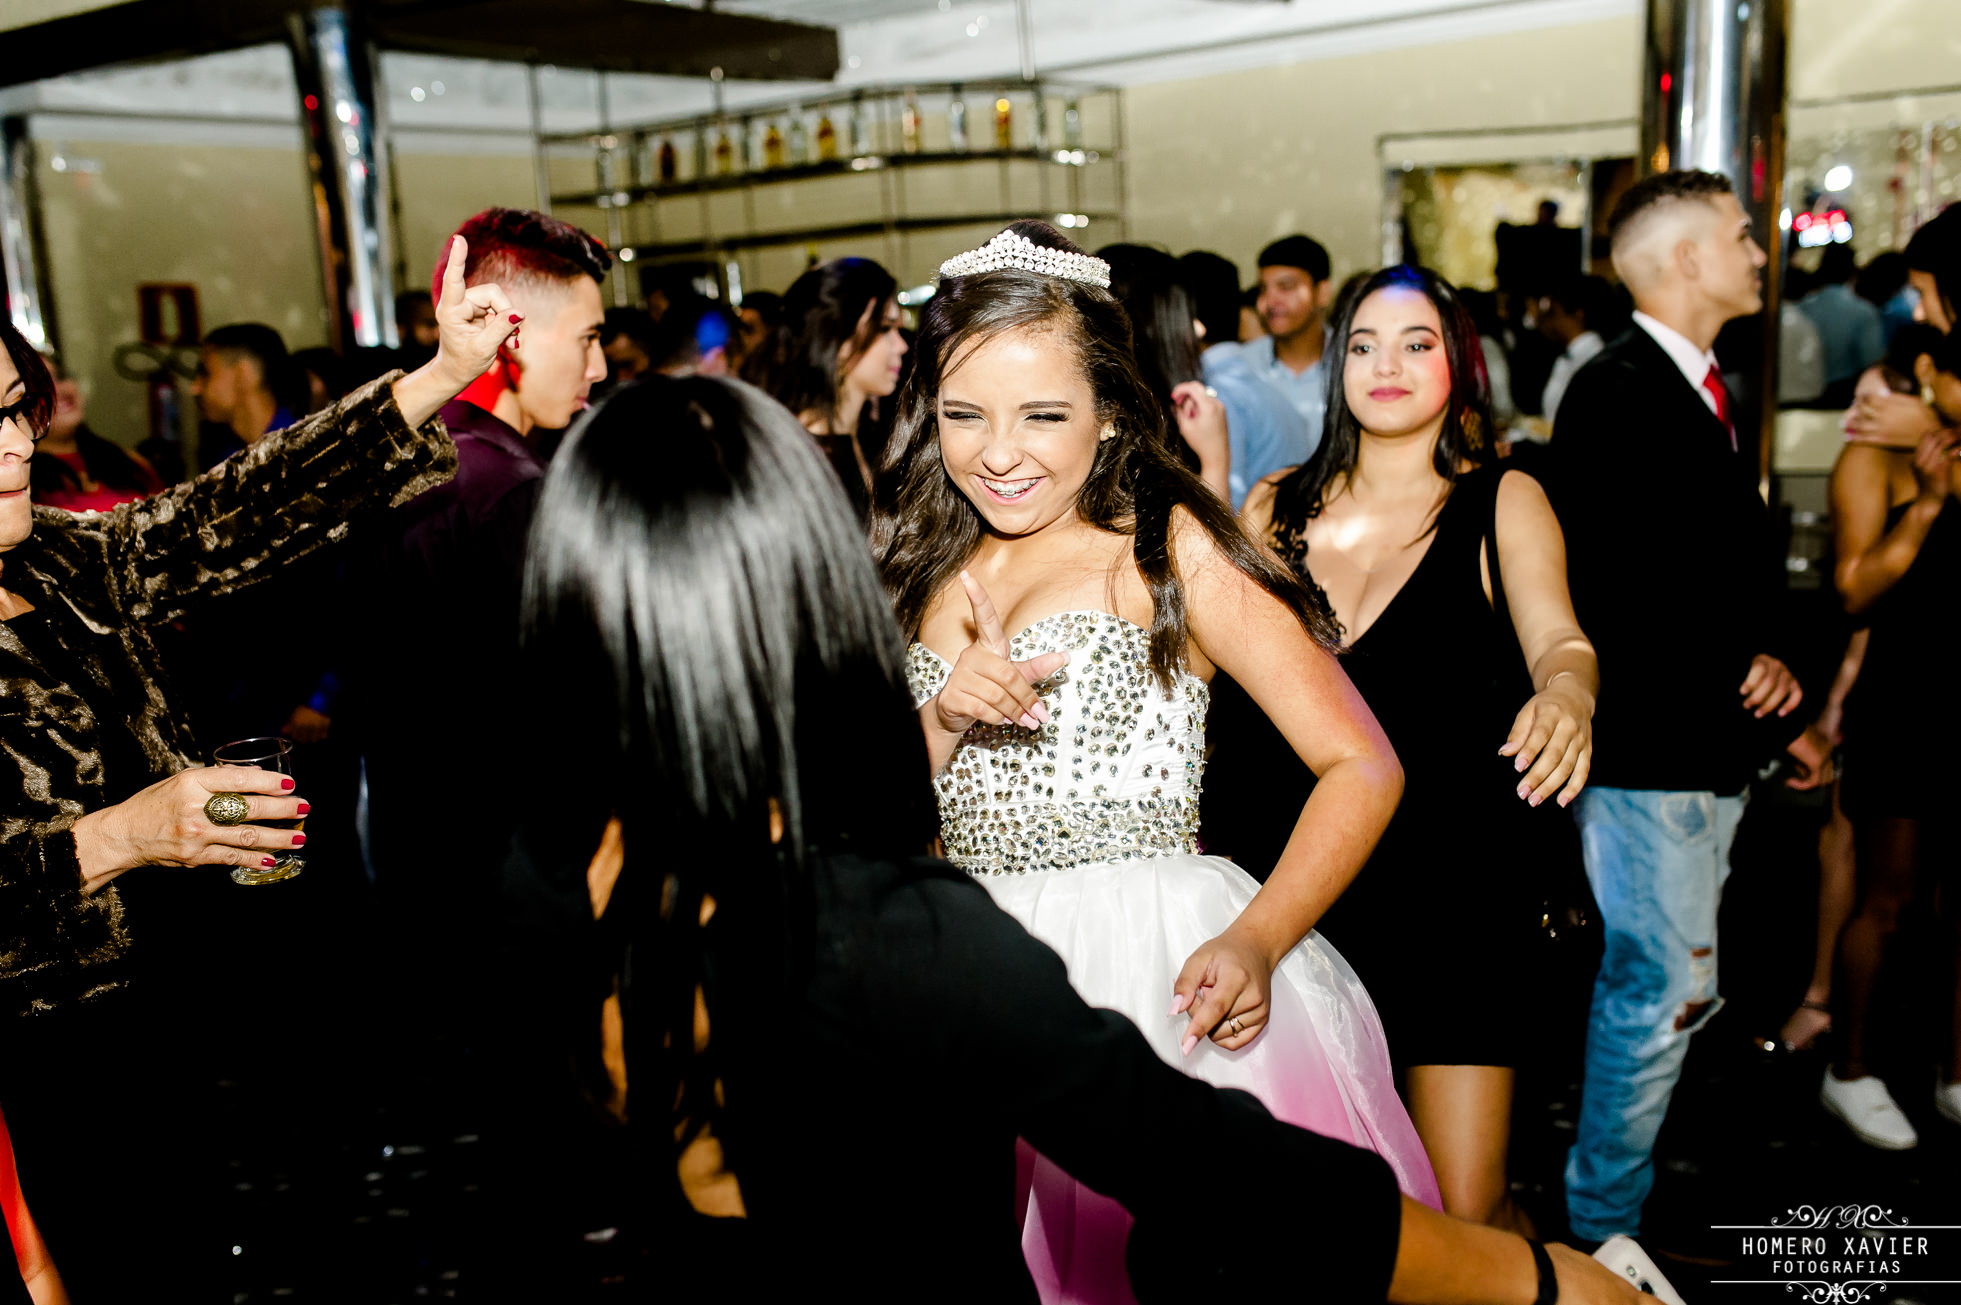 Fotografia festa aniversário Luísa de 15 anos em BH, salão de festas O Sonhador